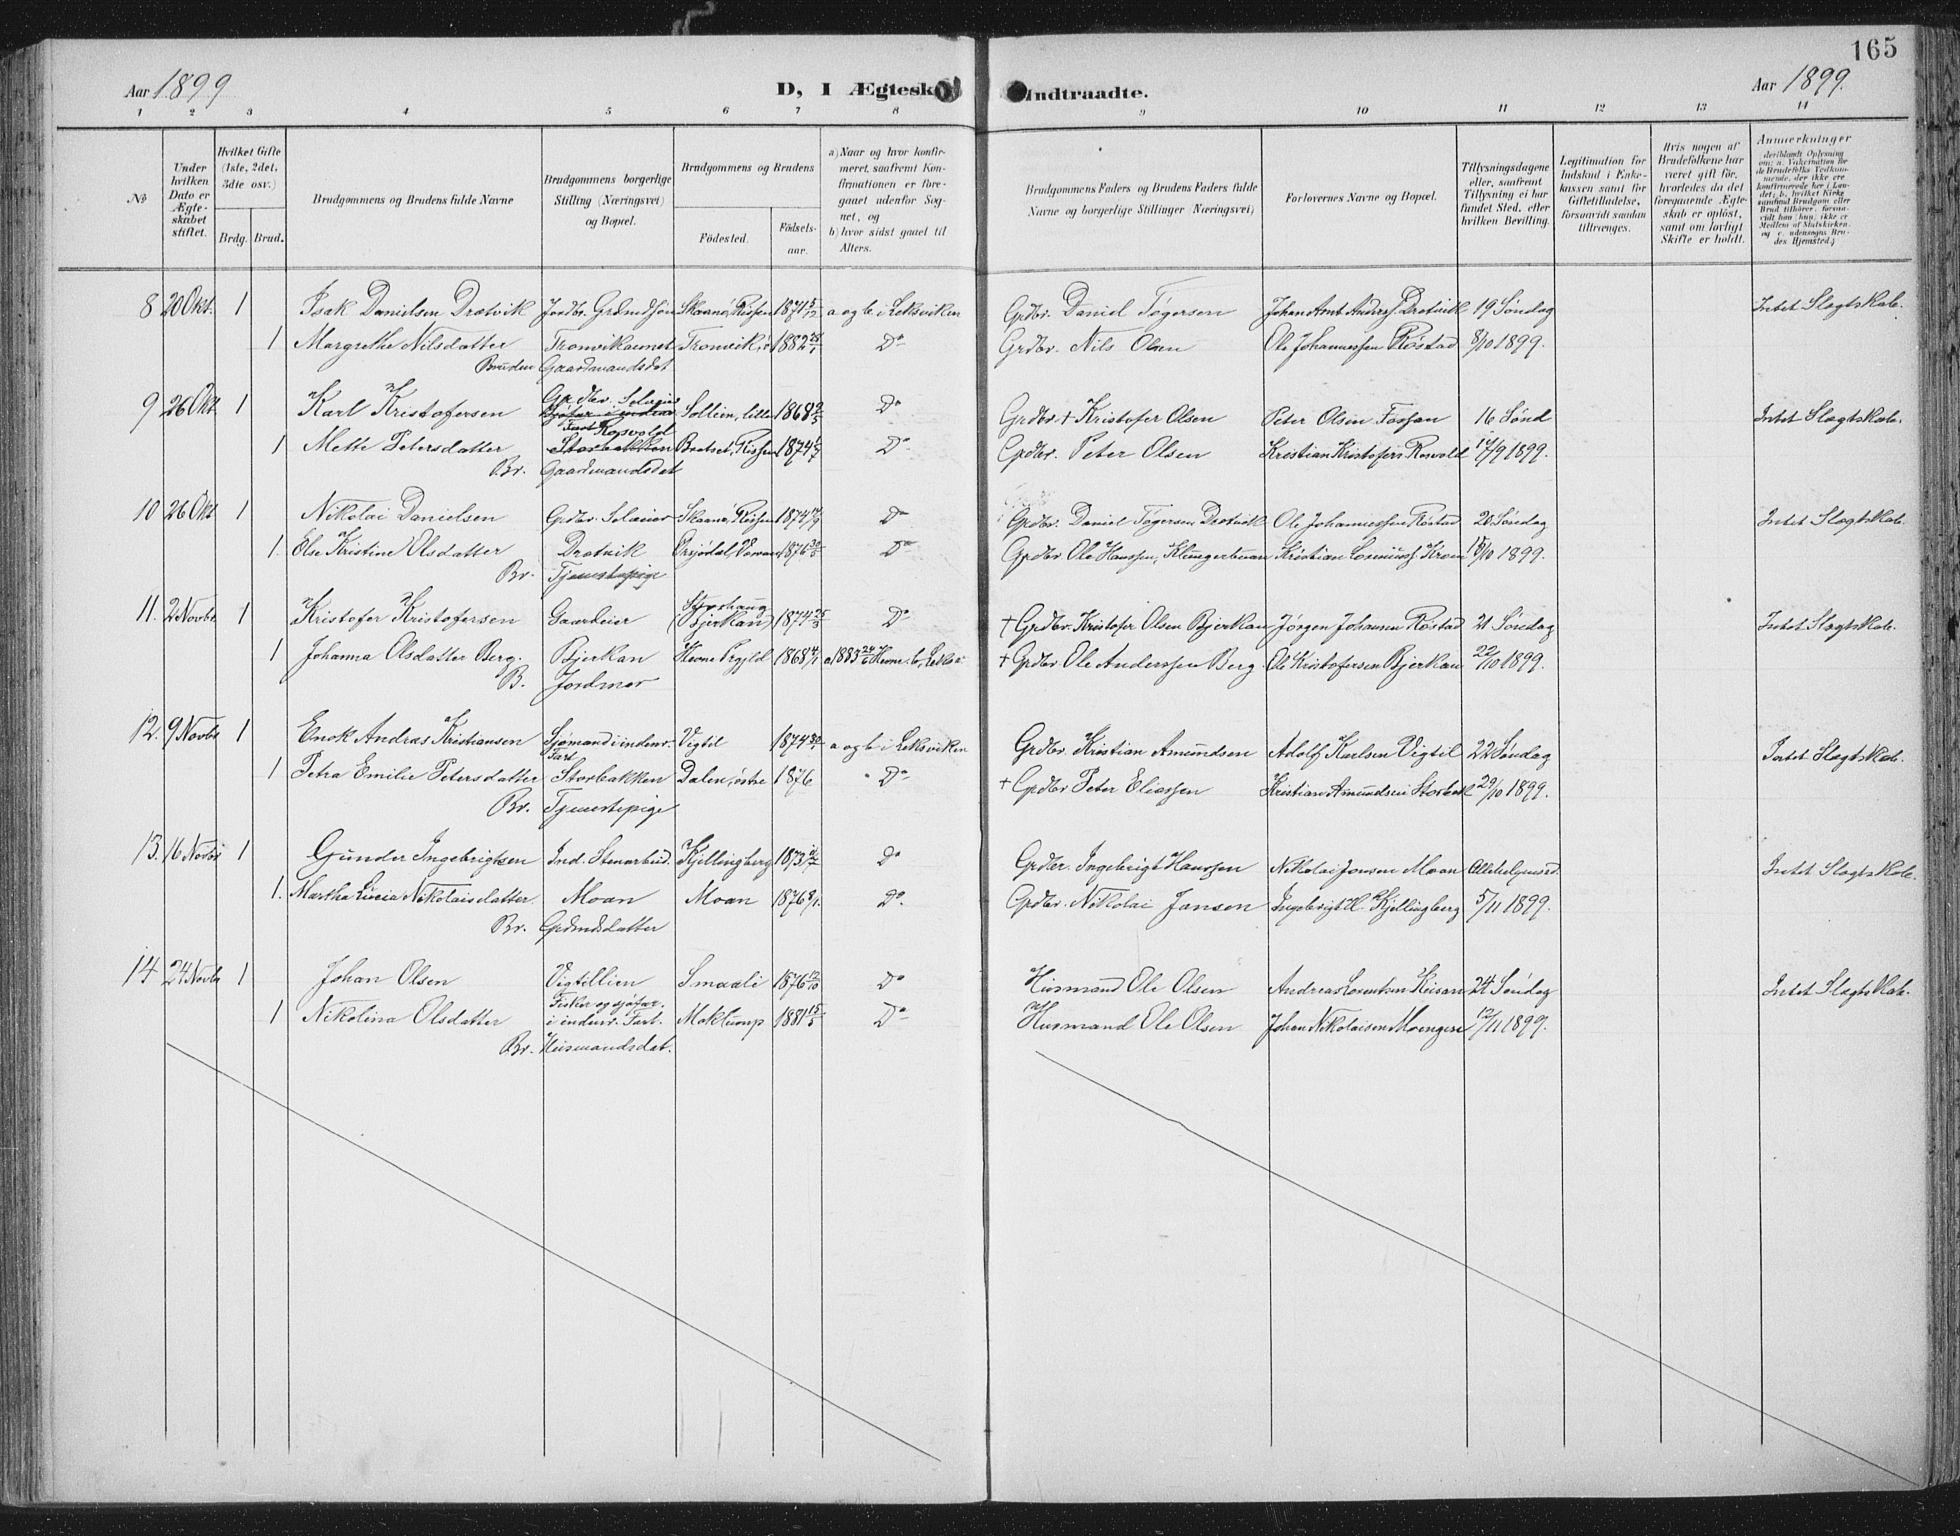 SAT, Ministerialprotokoller, klokkerbøker og fødselsregistre - Nord-Trøndelag, 701/L0011: Ministerialbok nr. 701A11, 1899-1915, s. 165